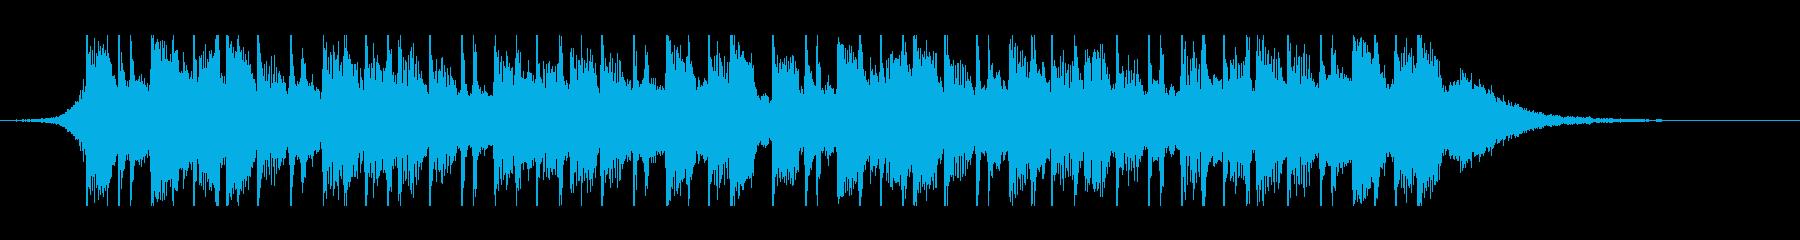 幸せなラマダン(30秒)の再生済みの波形